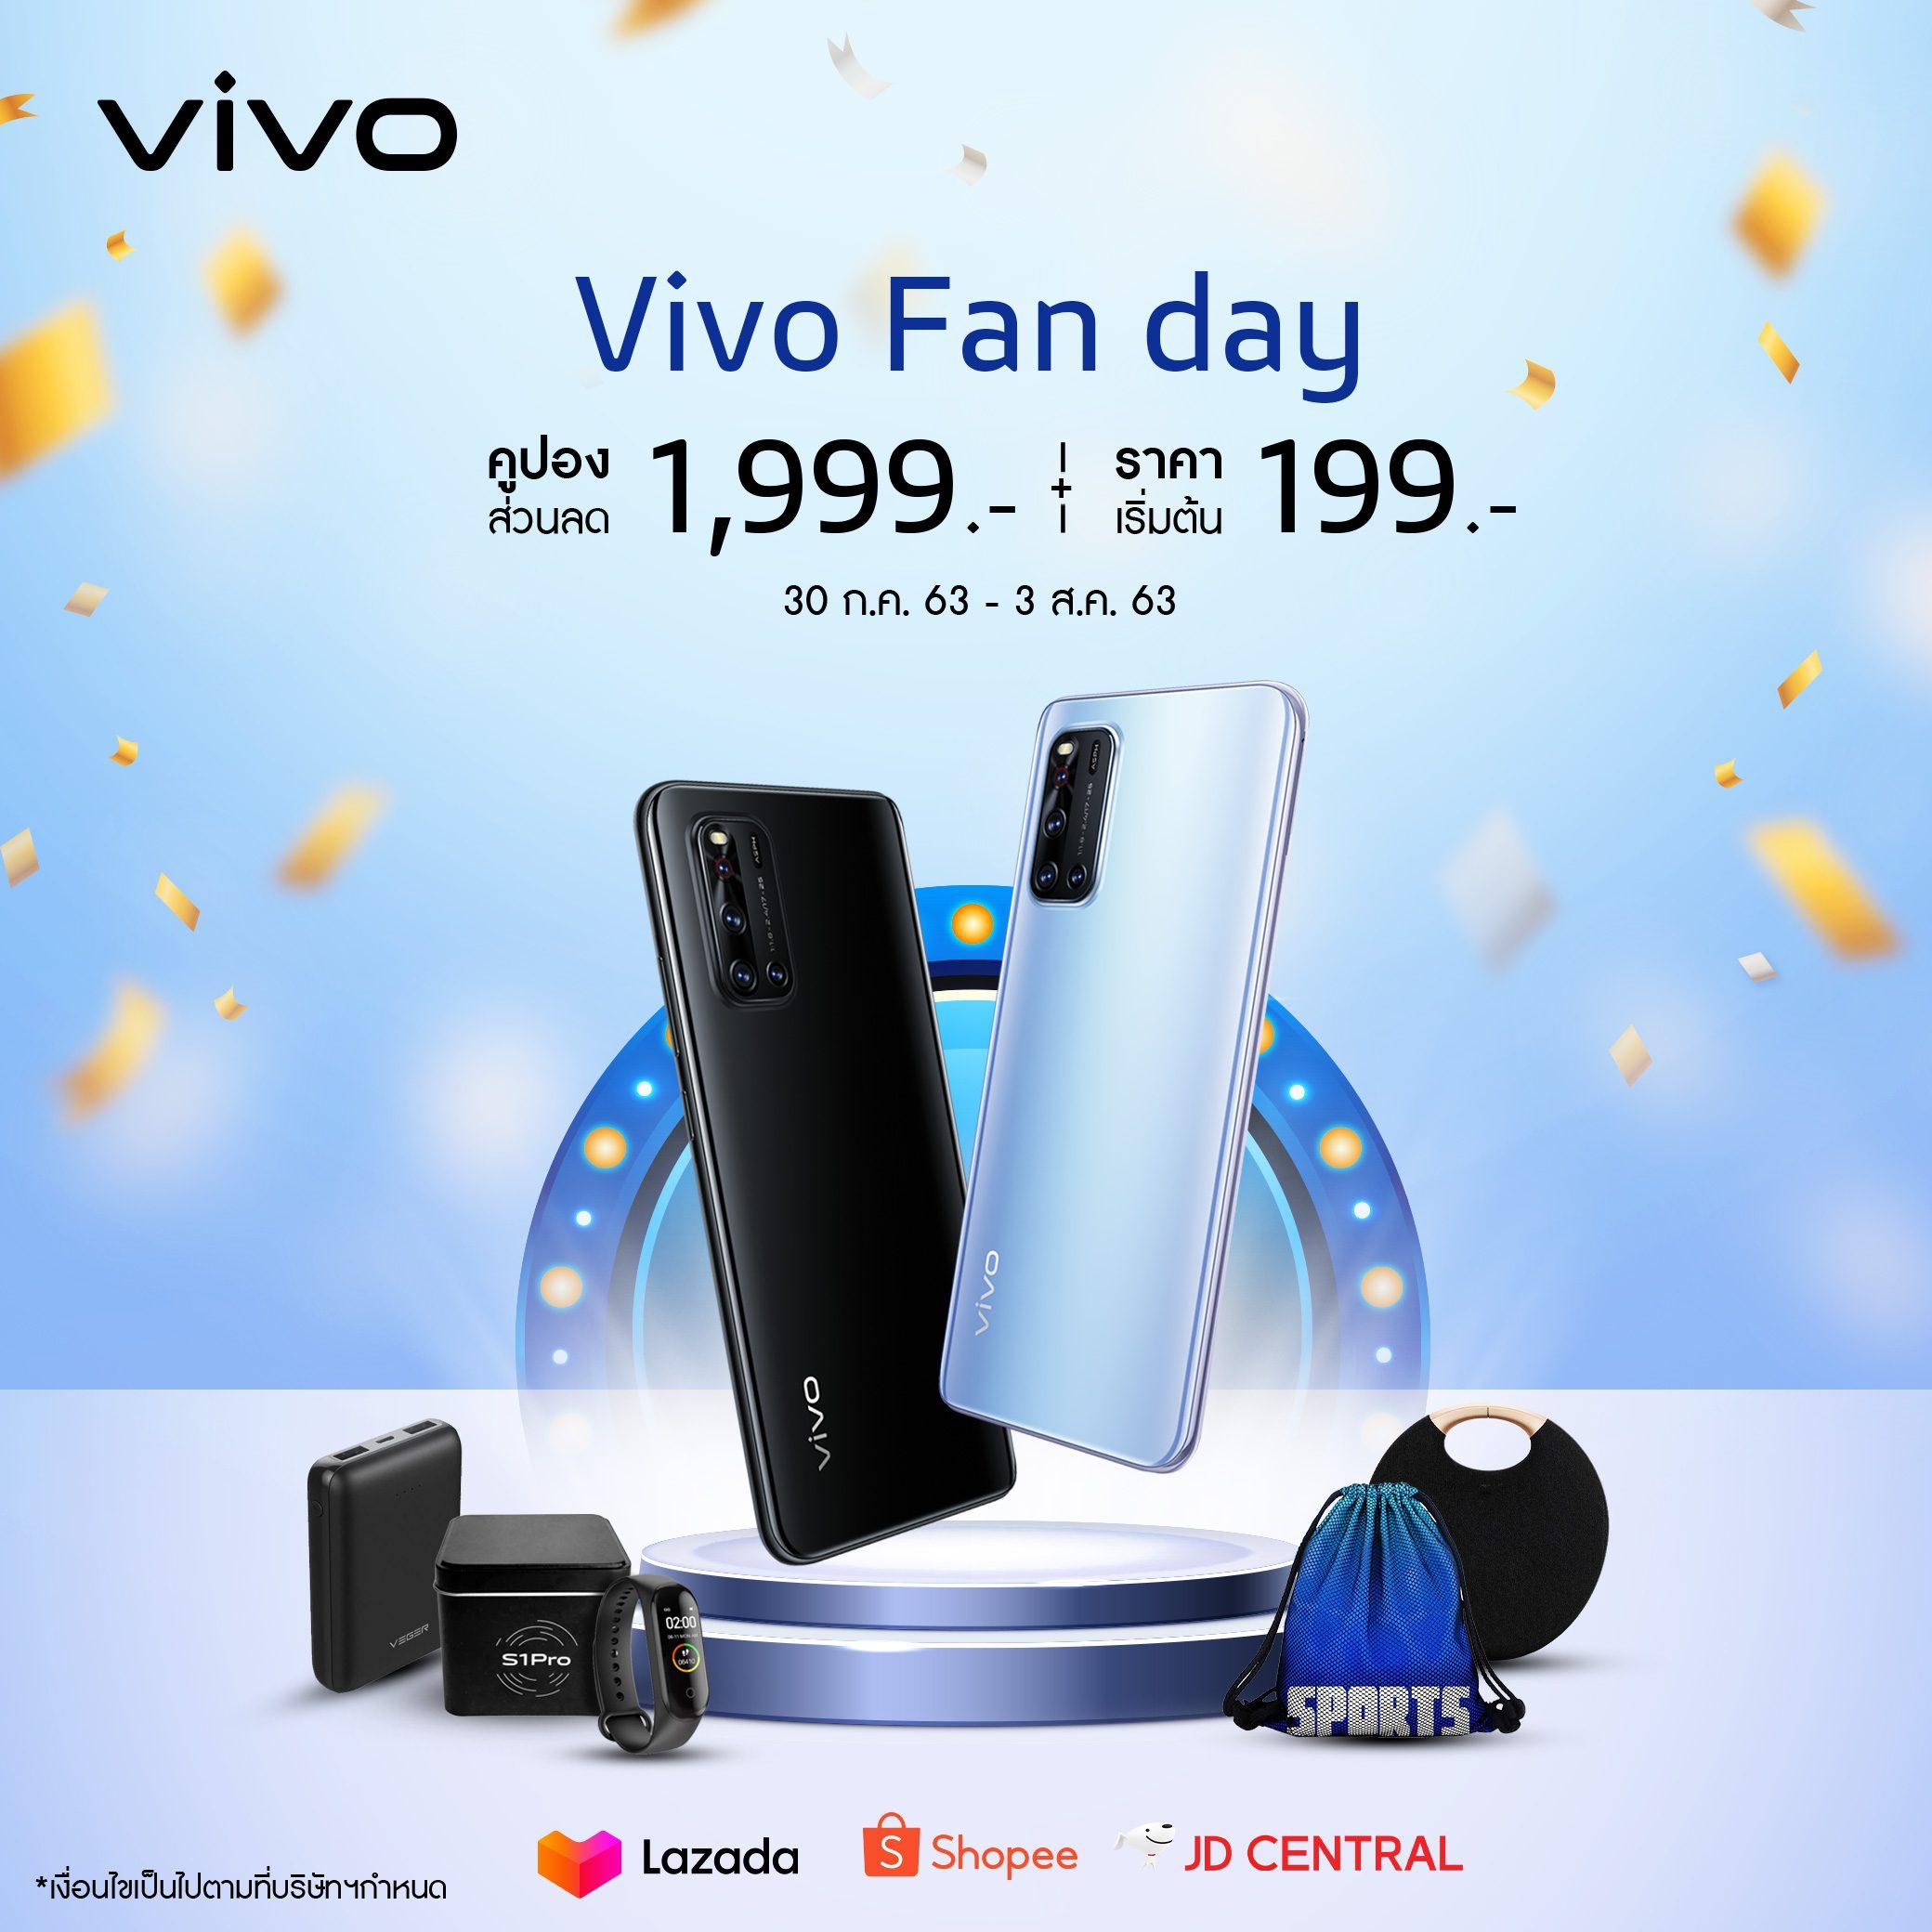 โปรโมชั่นสุดปัง Vivo Fans day 30.7.63-3.8.63 !!